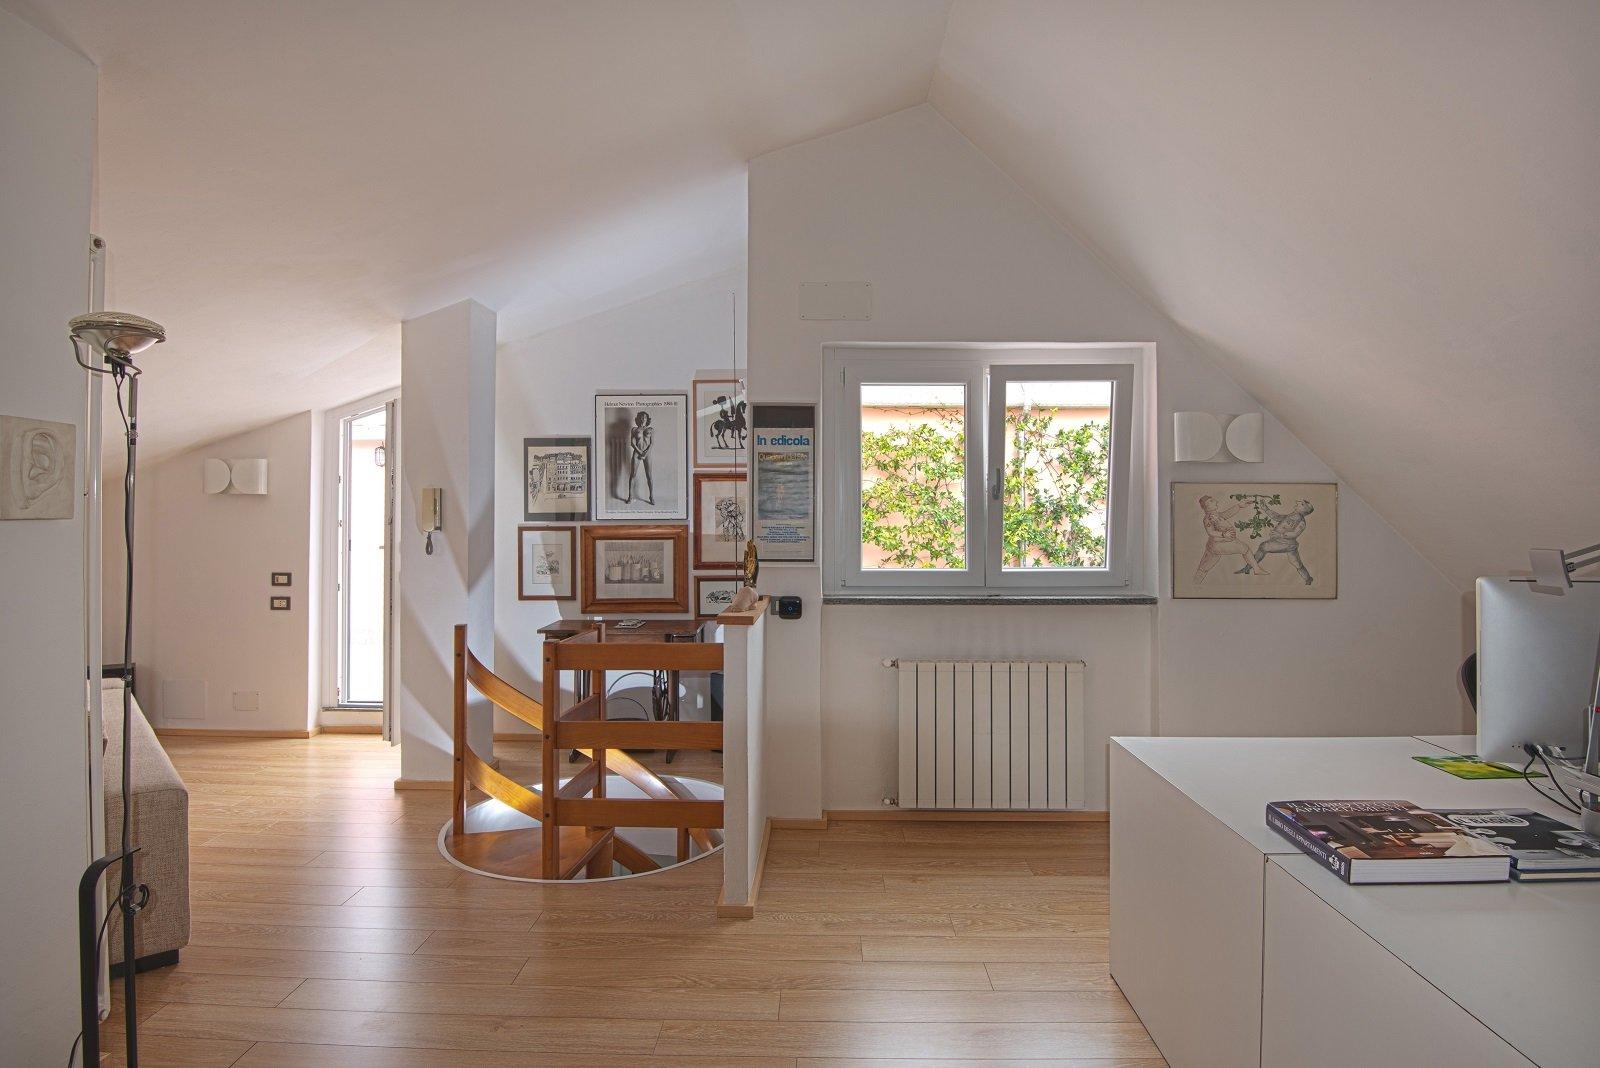 Pareti e soffitto bianchi per un effetto di maggiore ampiezza e luce cose di casa - Fiere per la casa ...